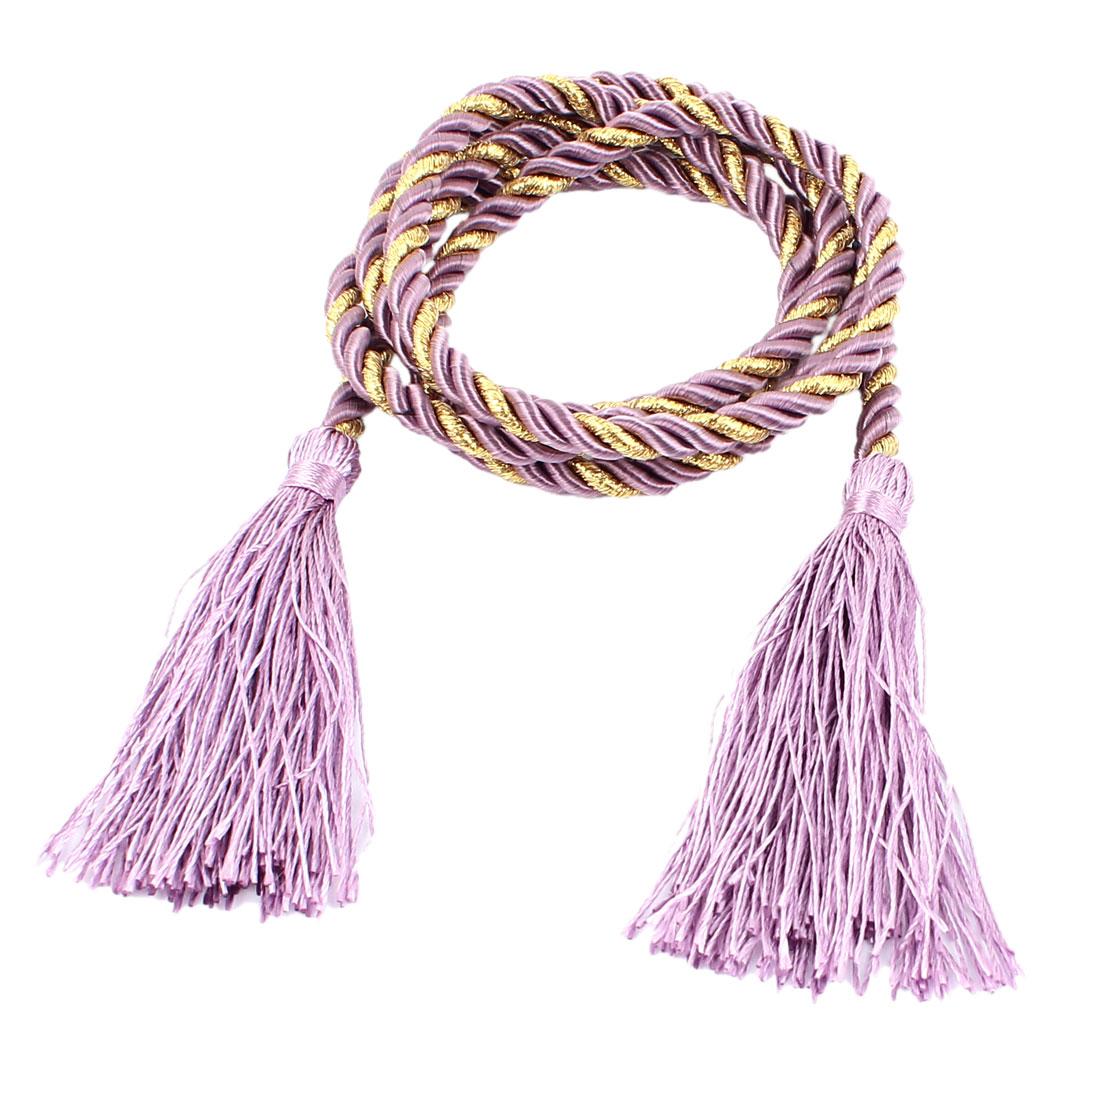 Window Curtain Tieback Tie Back Tassels Trim Rope Cord String 133cm Purple